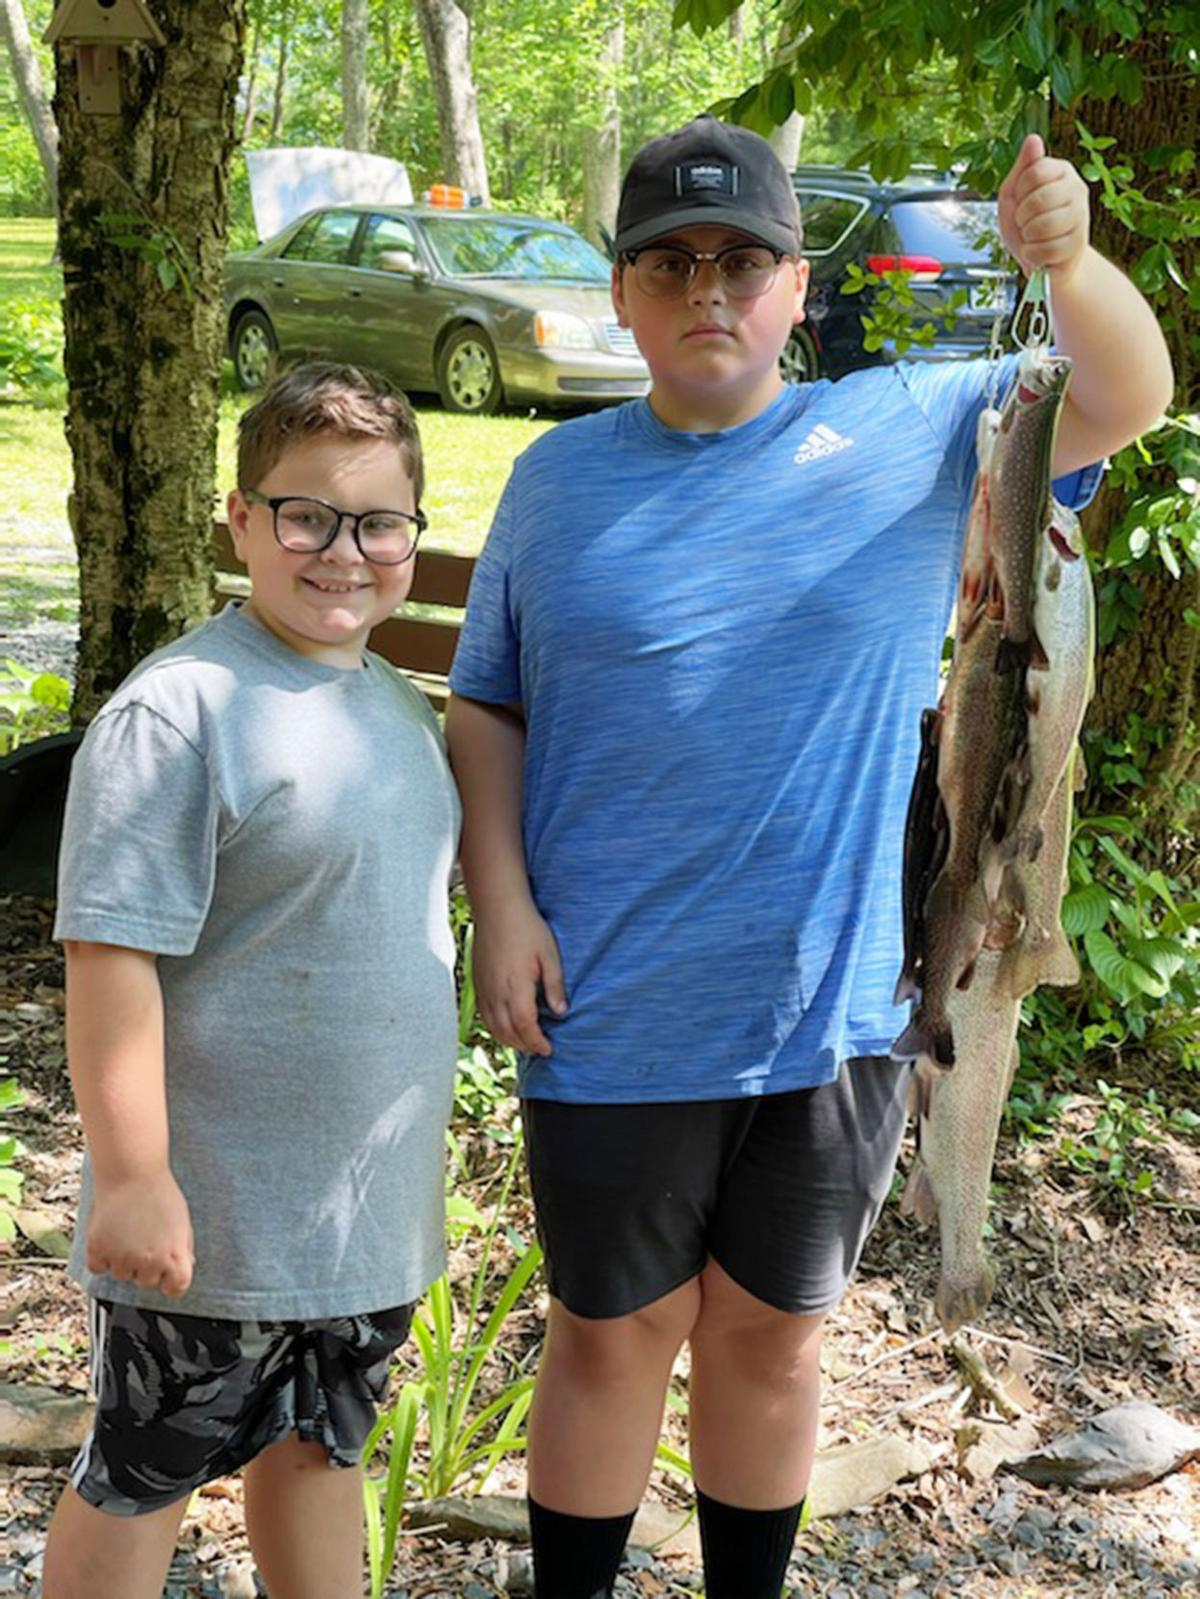 Kulpmont Sportsman Association holds children's fishing derby